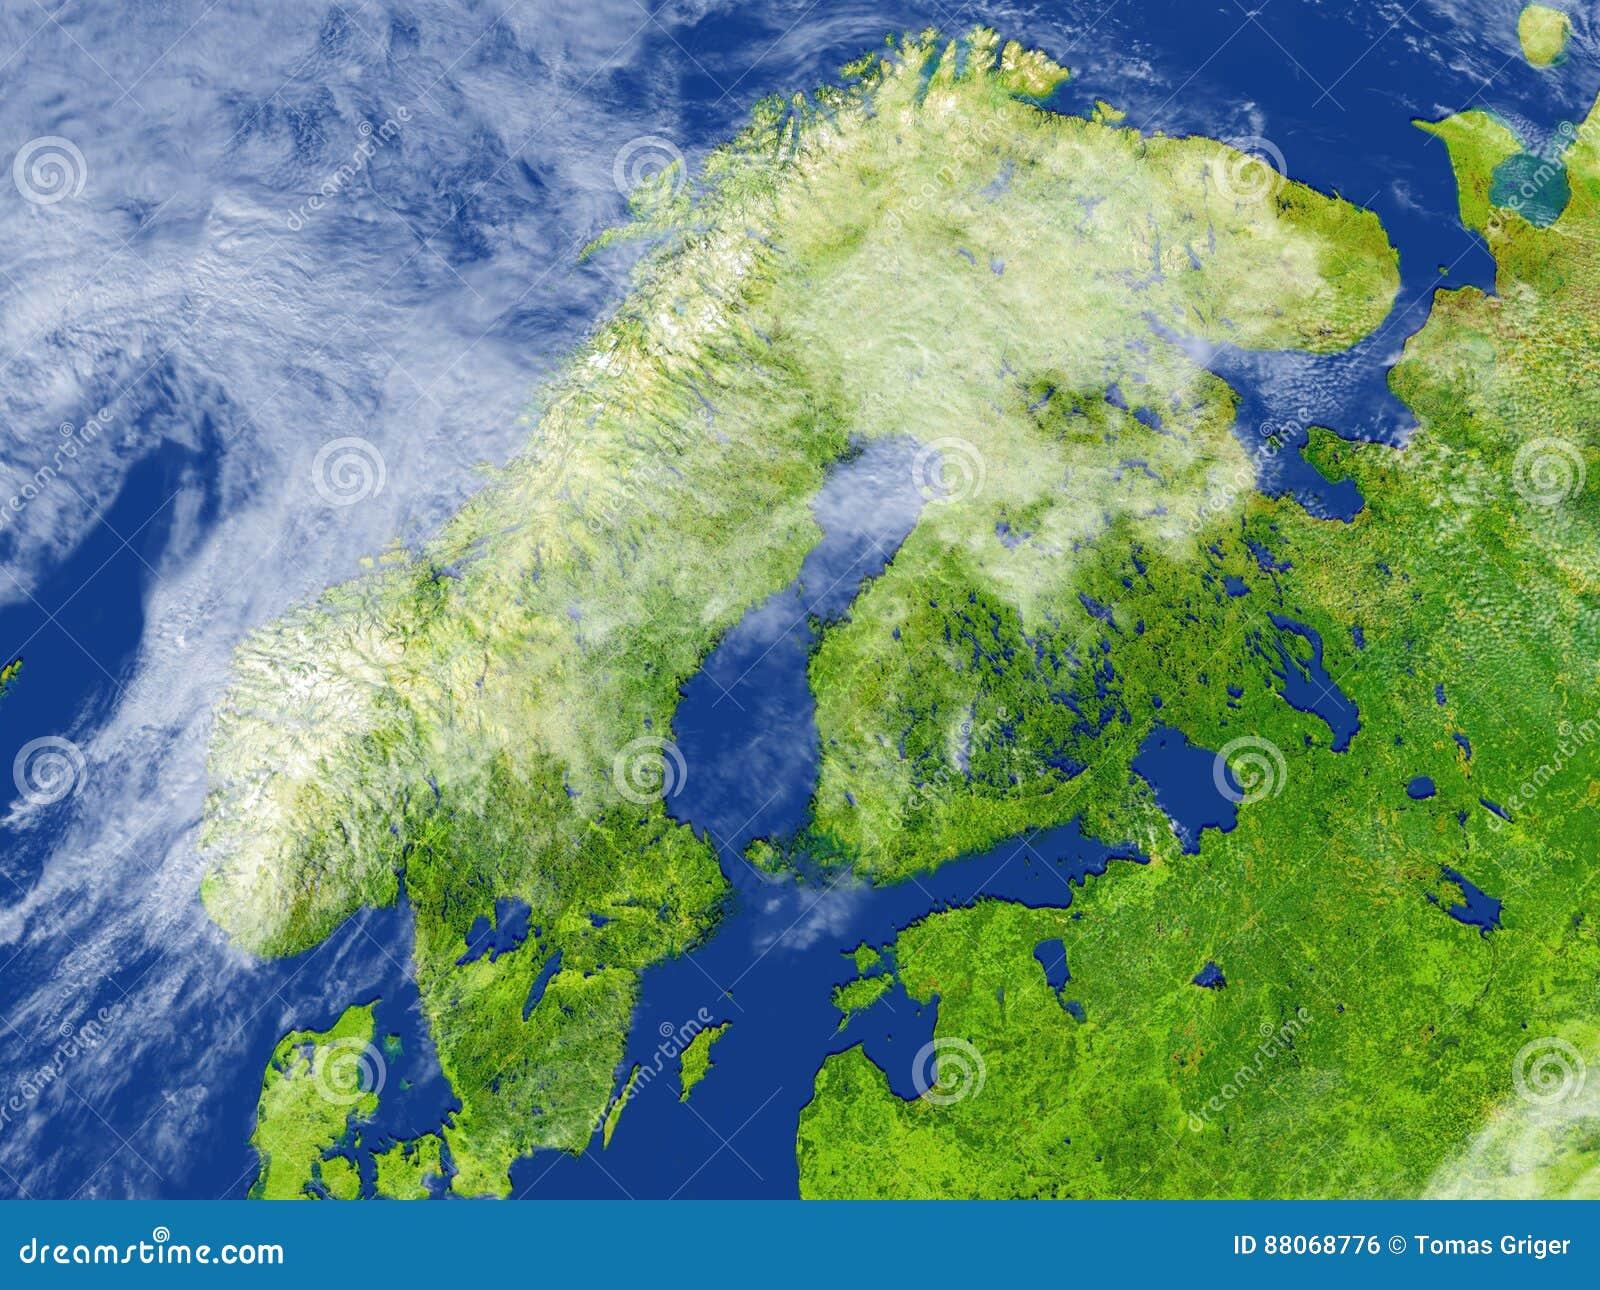 Penisola Scandinava Su Pianeta Terra Illustrazione Di Stock